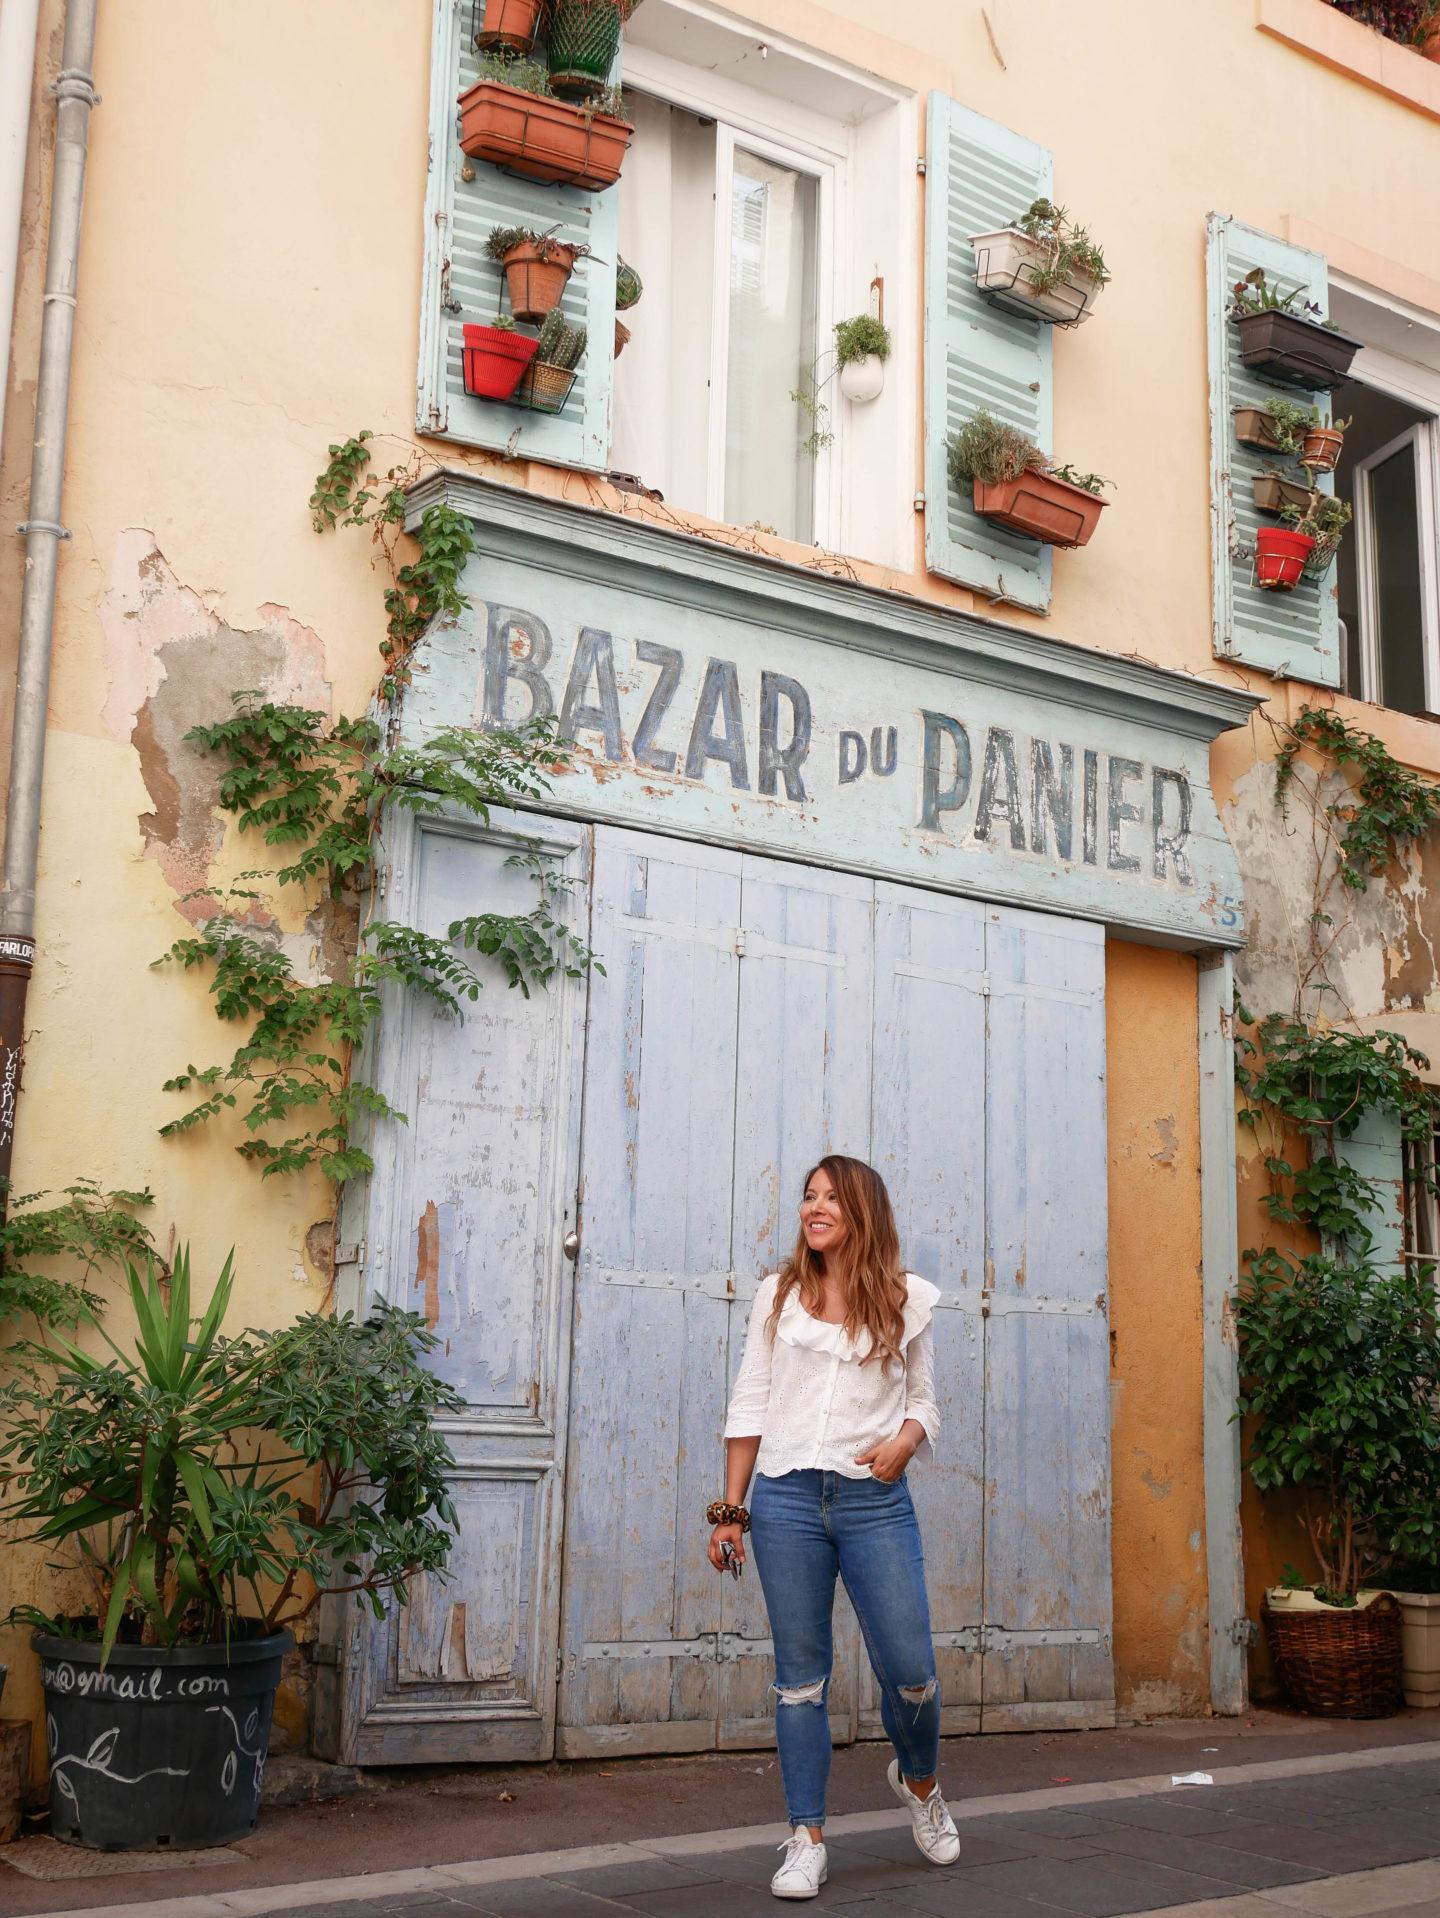 Marseille Bazar du Panier